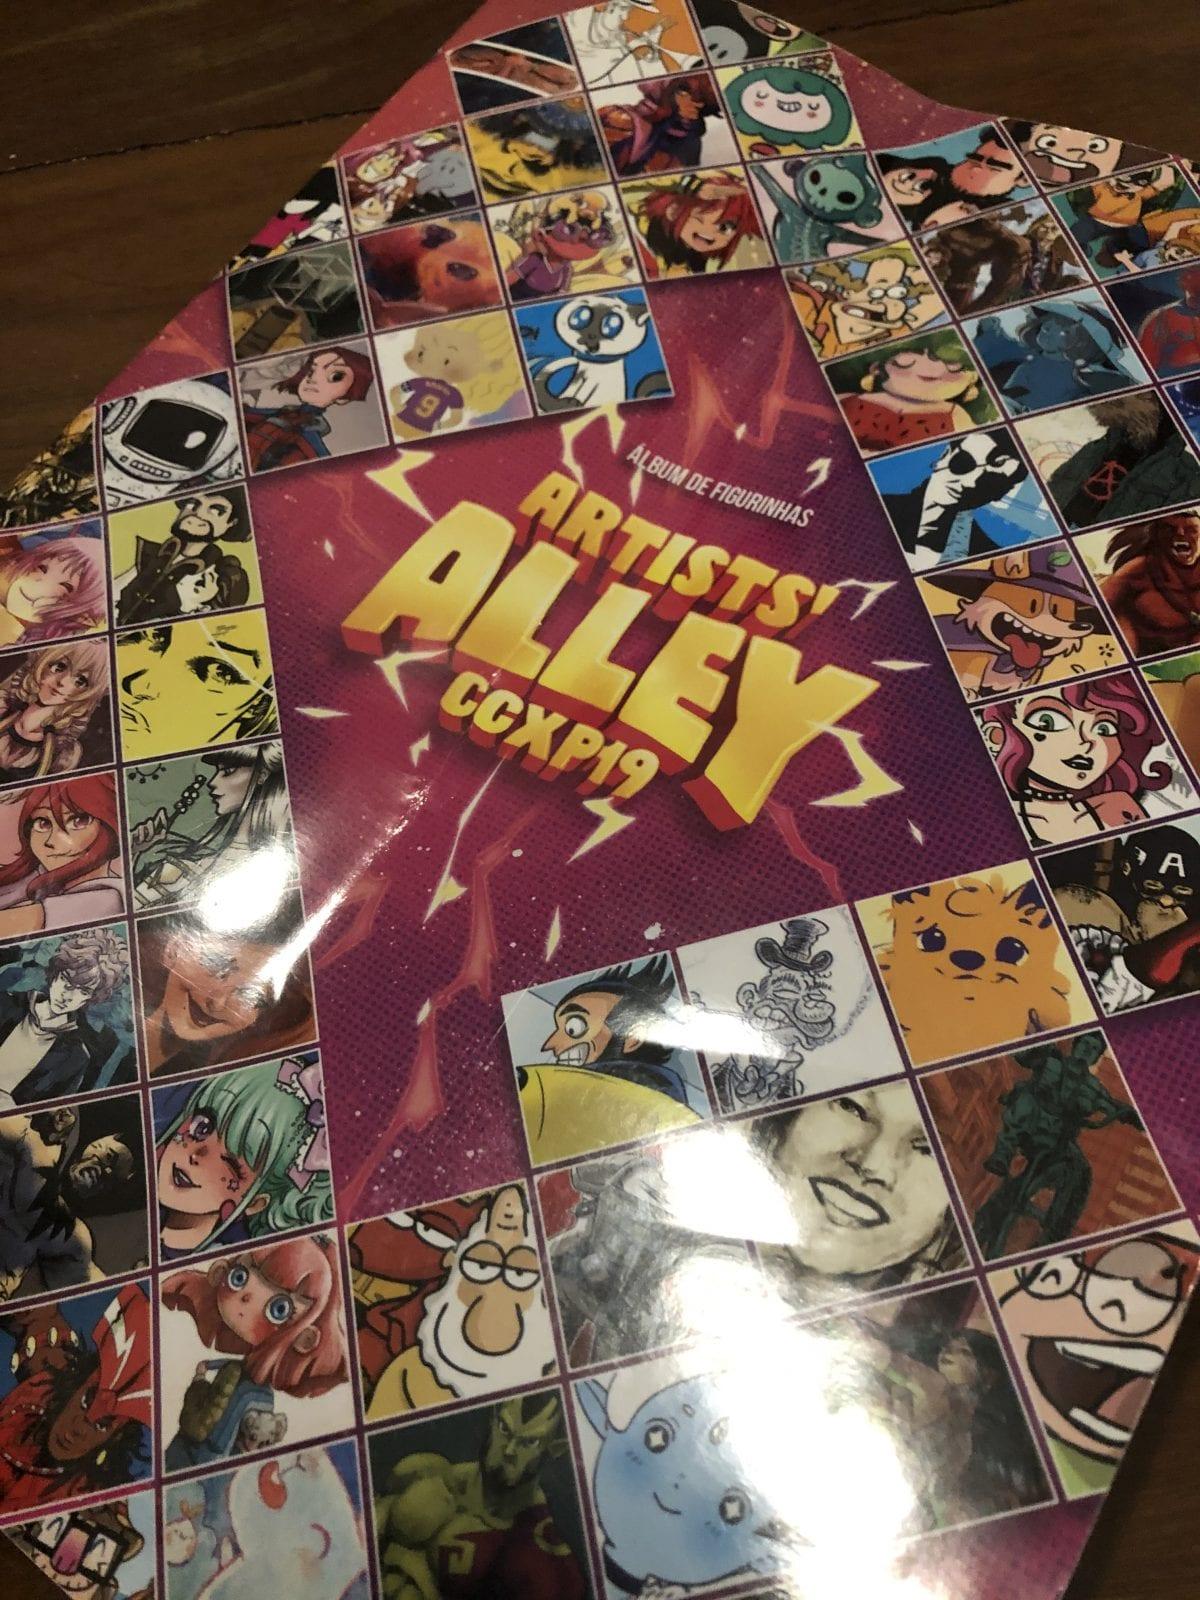 Surpresa da CCXP: Confira o Álbum de Figurinhas do Artists Alley 2019